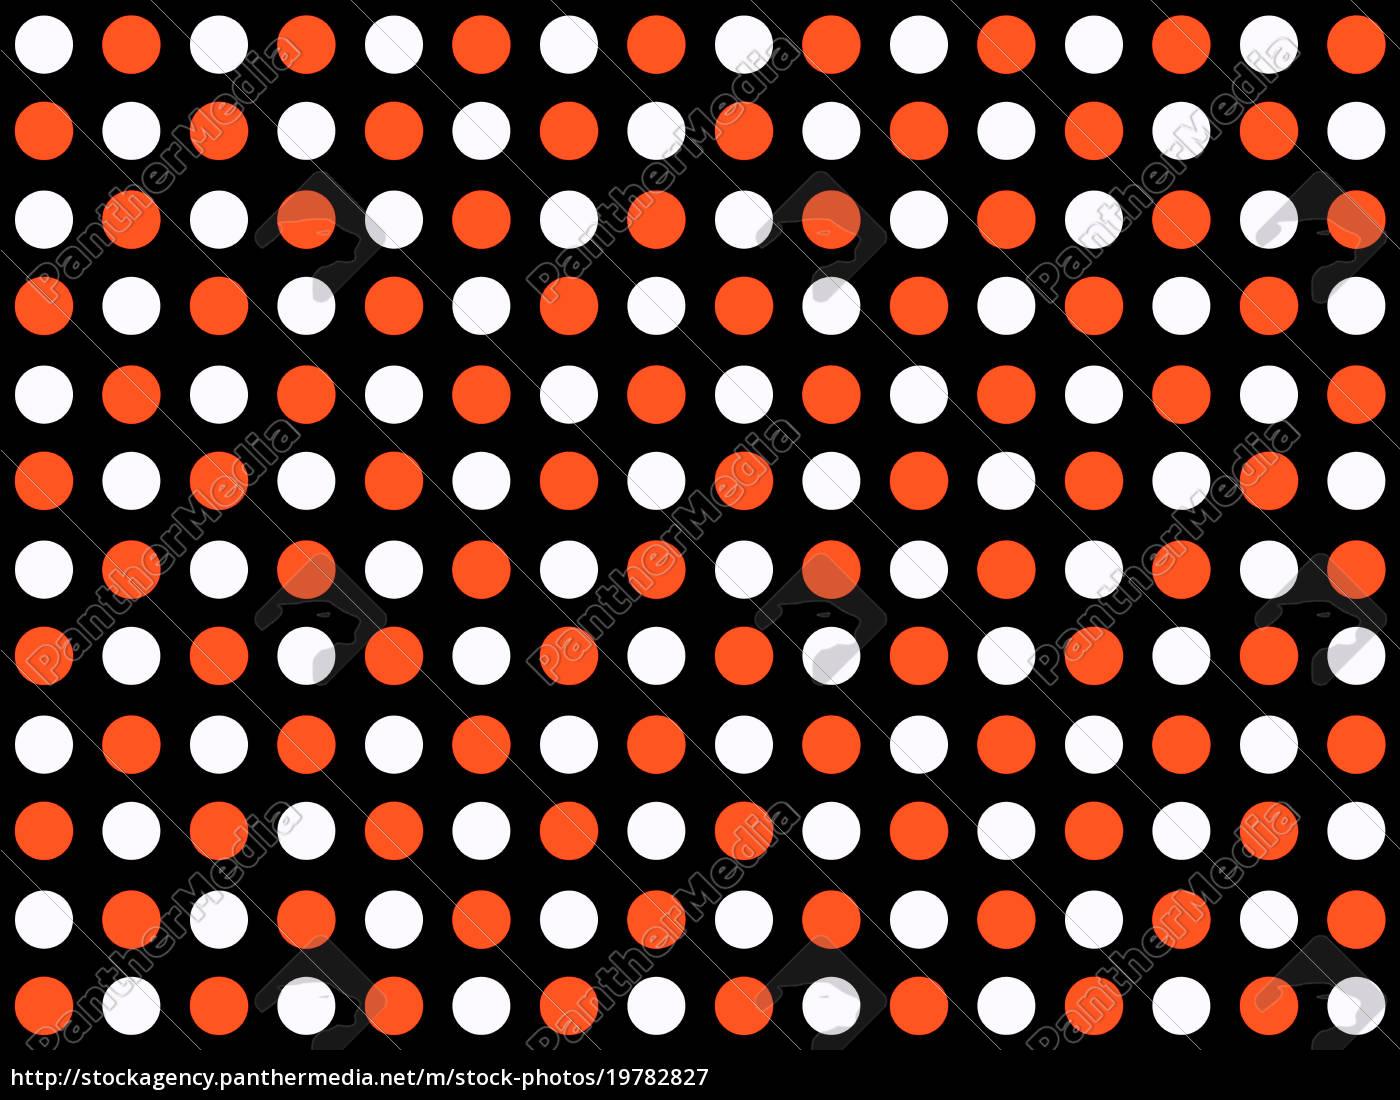 Nahtloses Punktemuster schwarz weiß rot - Lizenzfreies Bild ...